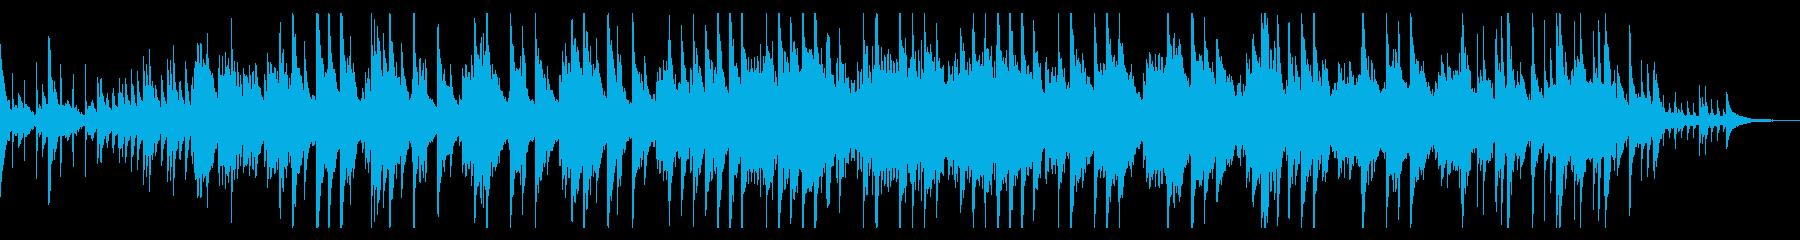 癒しの幸せ木漏れ日ピアノヒーリング音楽の再生済みの波形